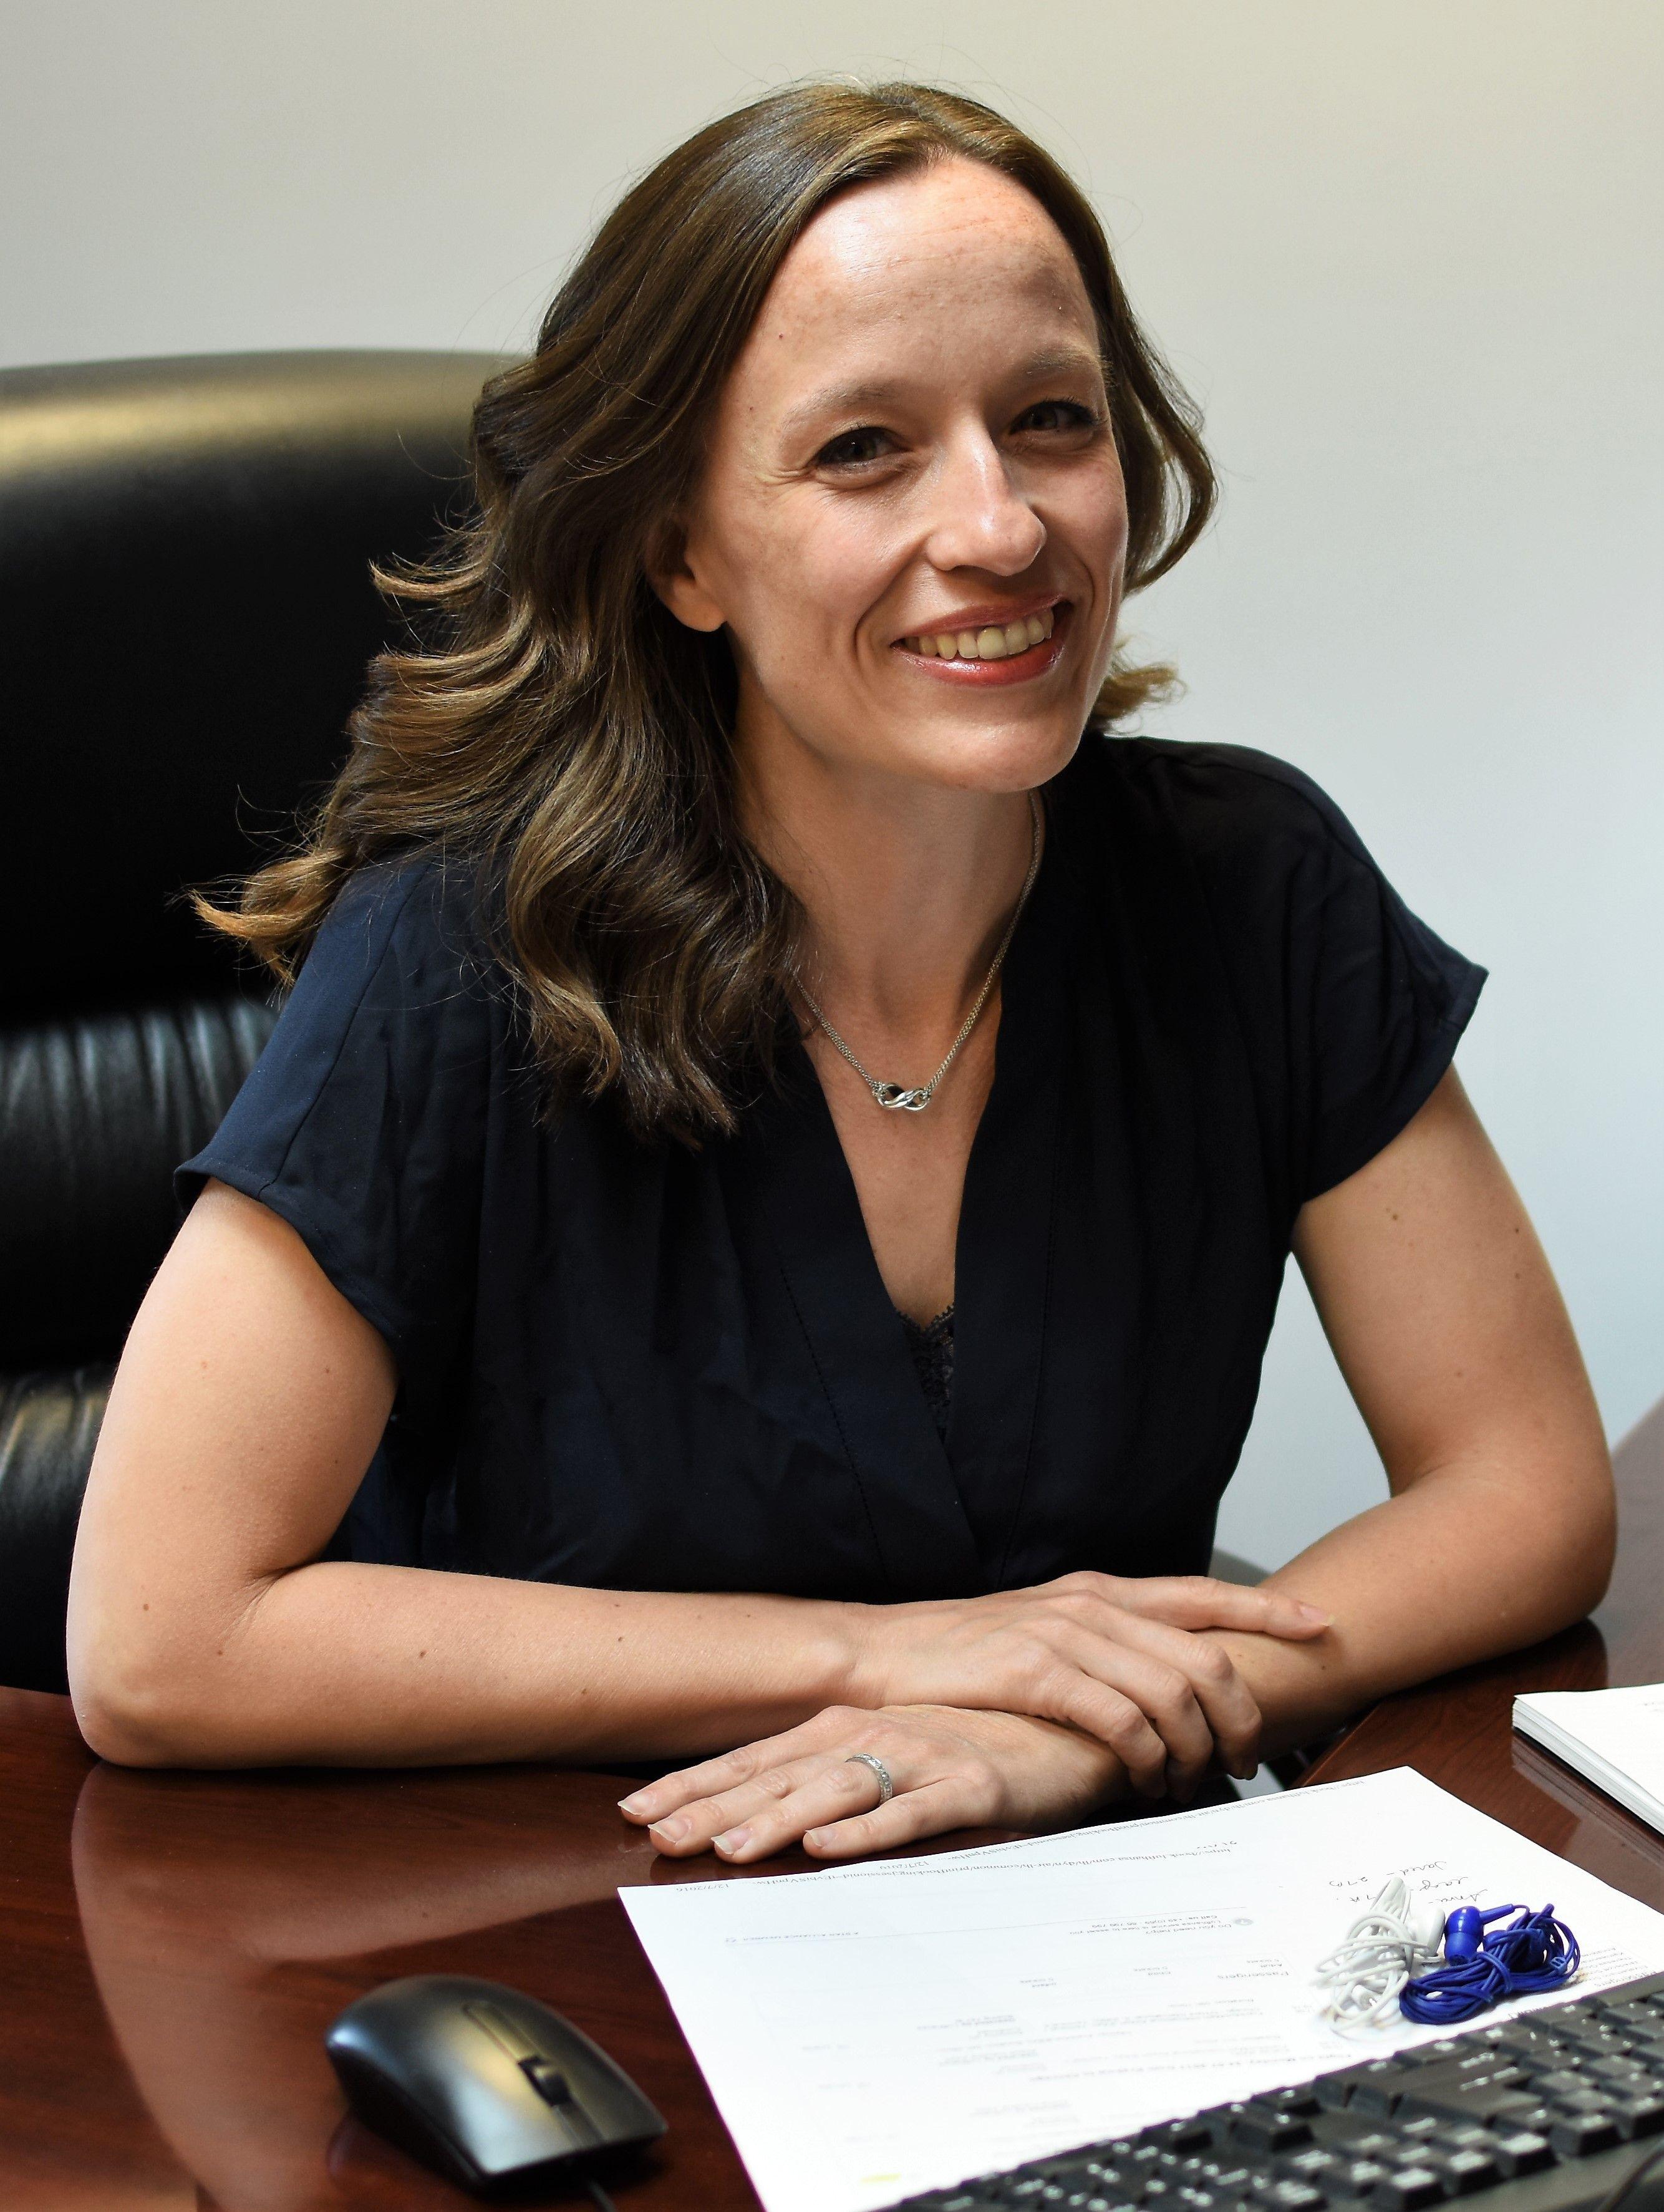 Elizabeth Schomburg